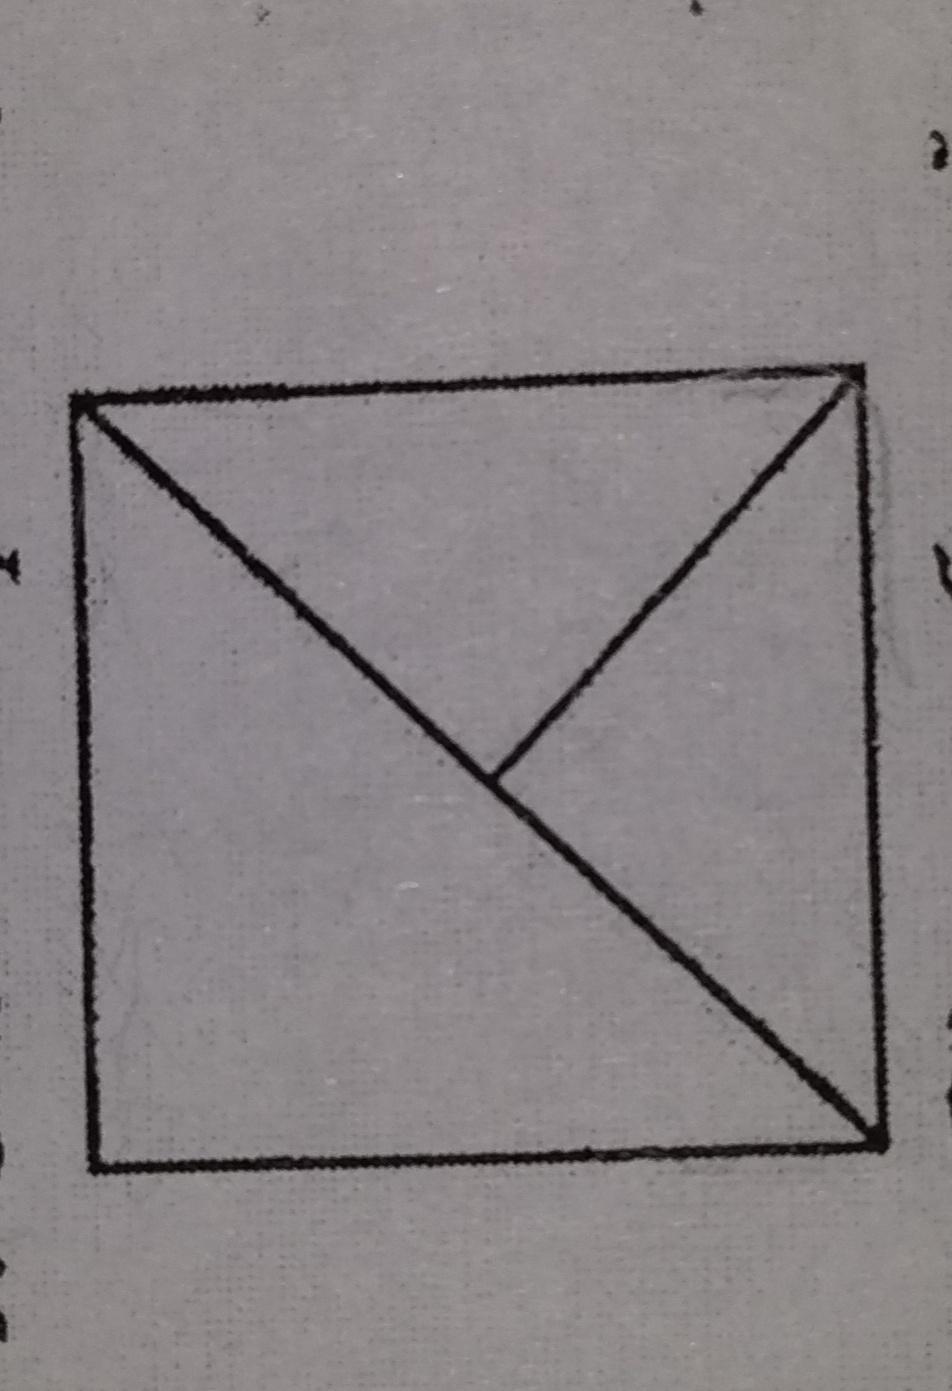 Сколько прямых углов изображено на рисунке?